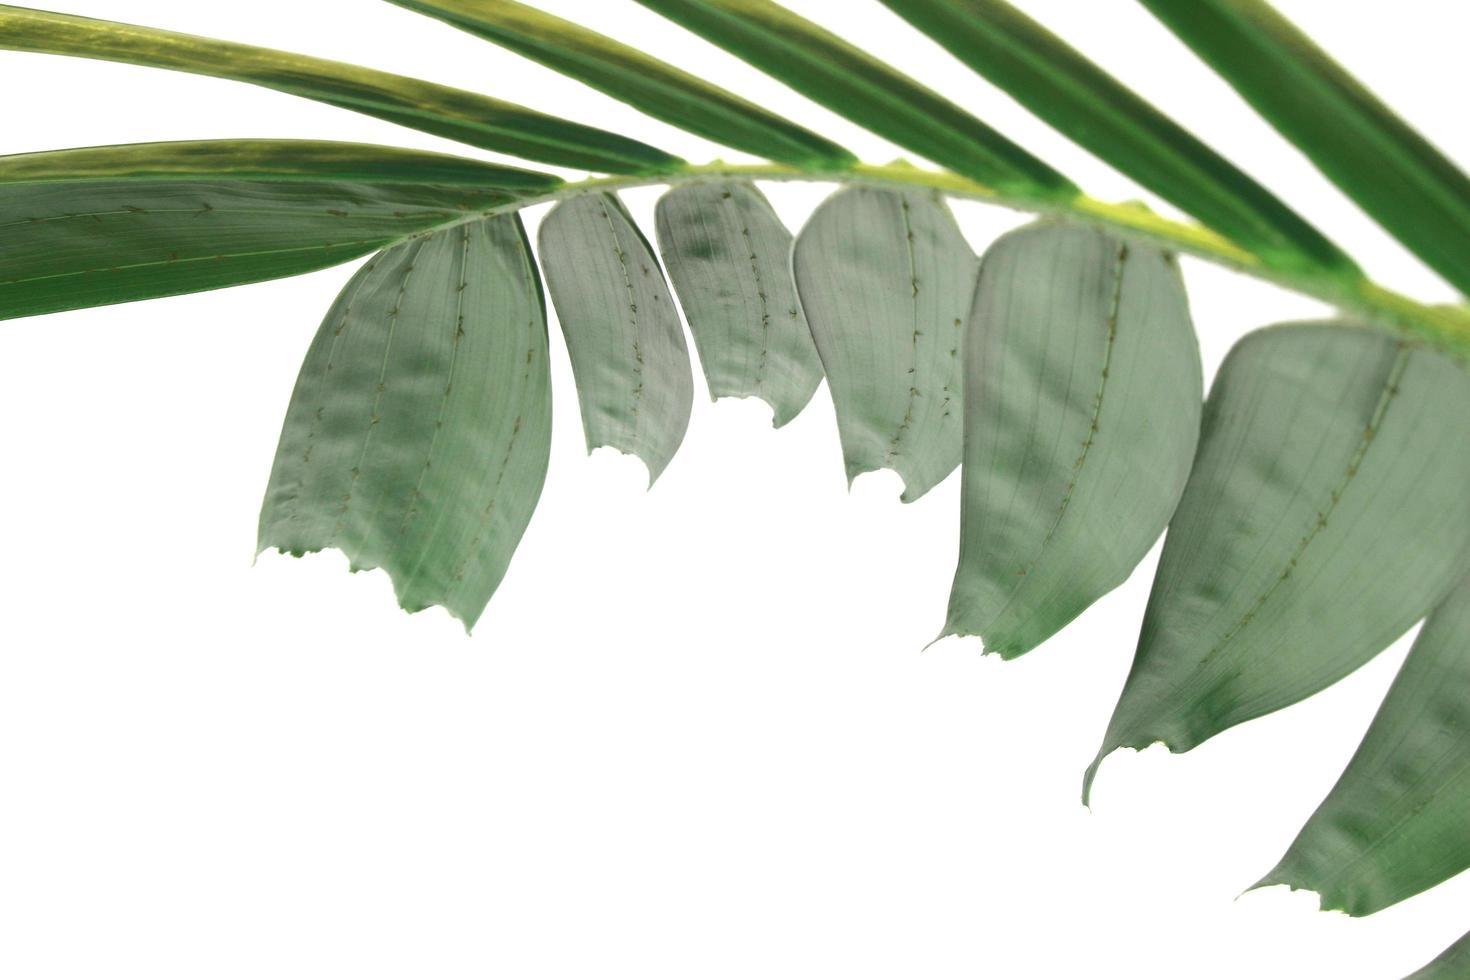 Hoja de palma verde creativo moderno aislado sobre fondo blanco. foto